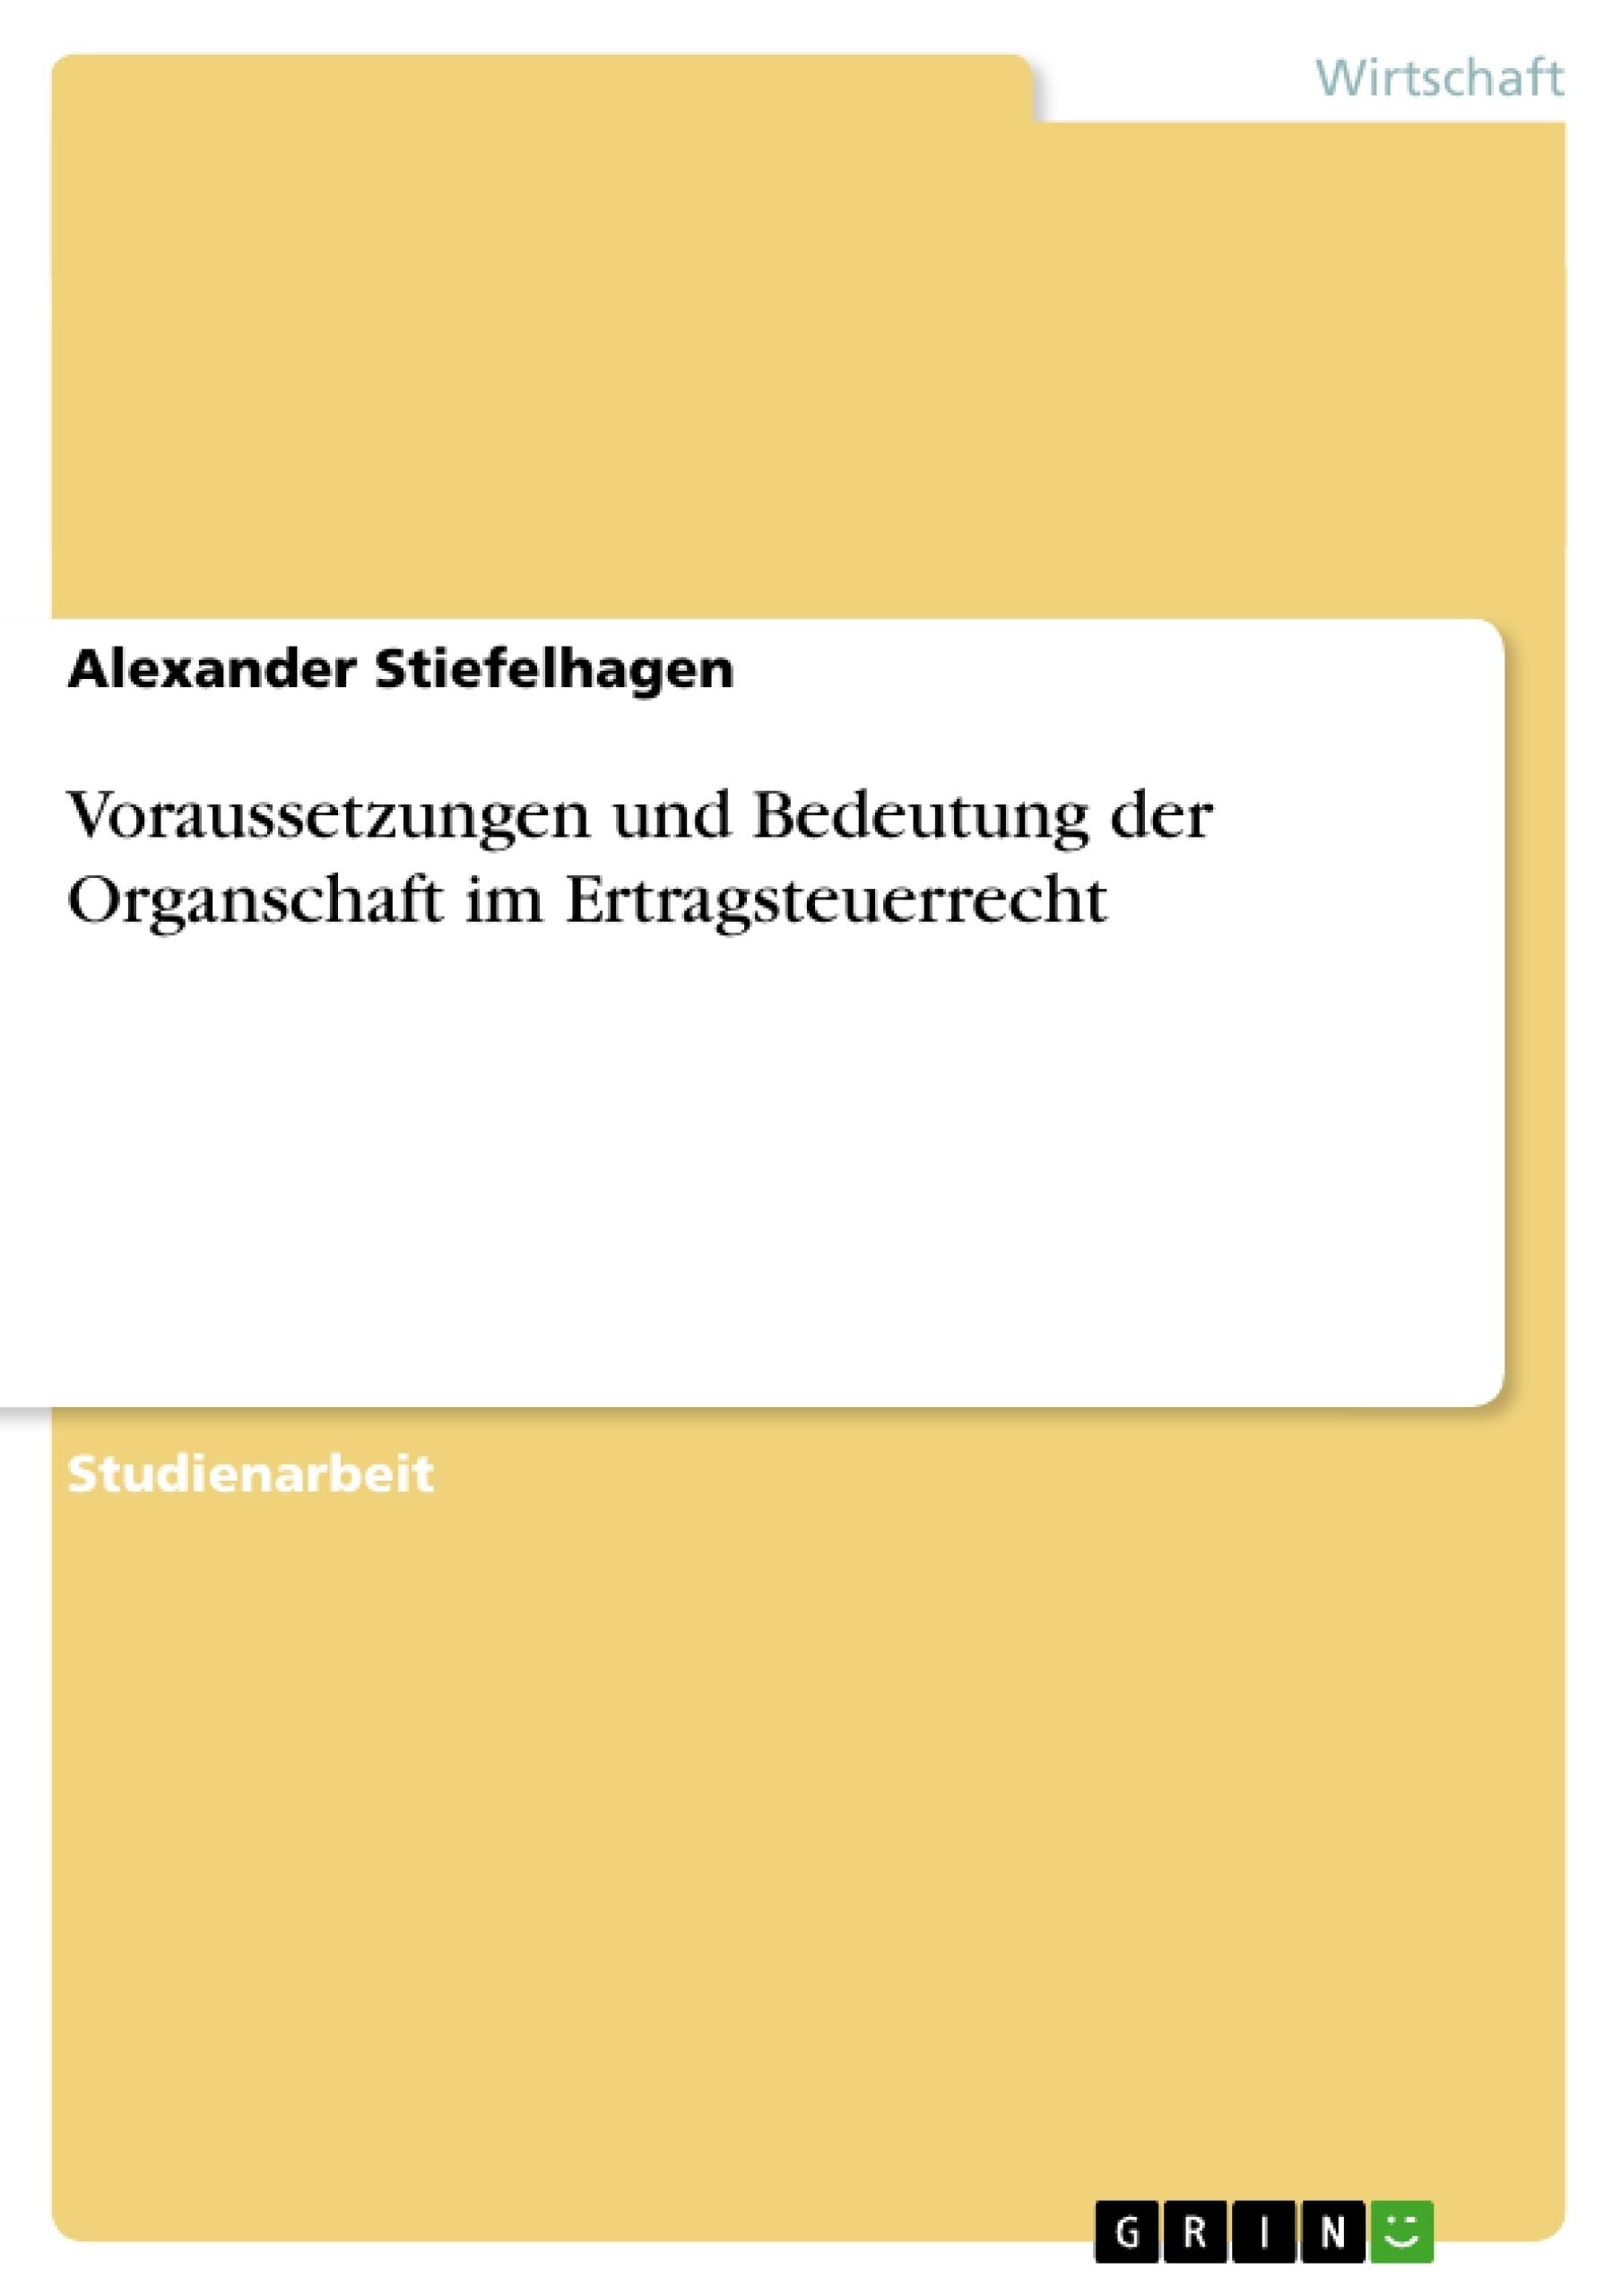 Titel: Voraussetzungen und Bedeutung der Organschaft im Ertragsteuerrecht